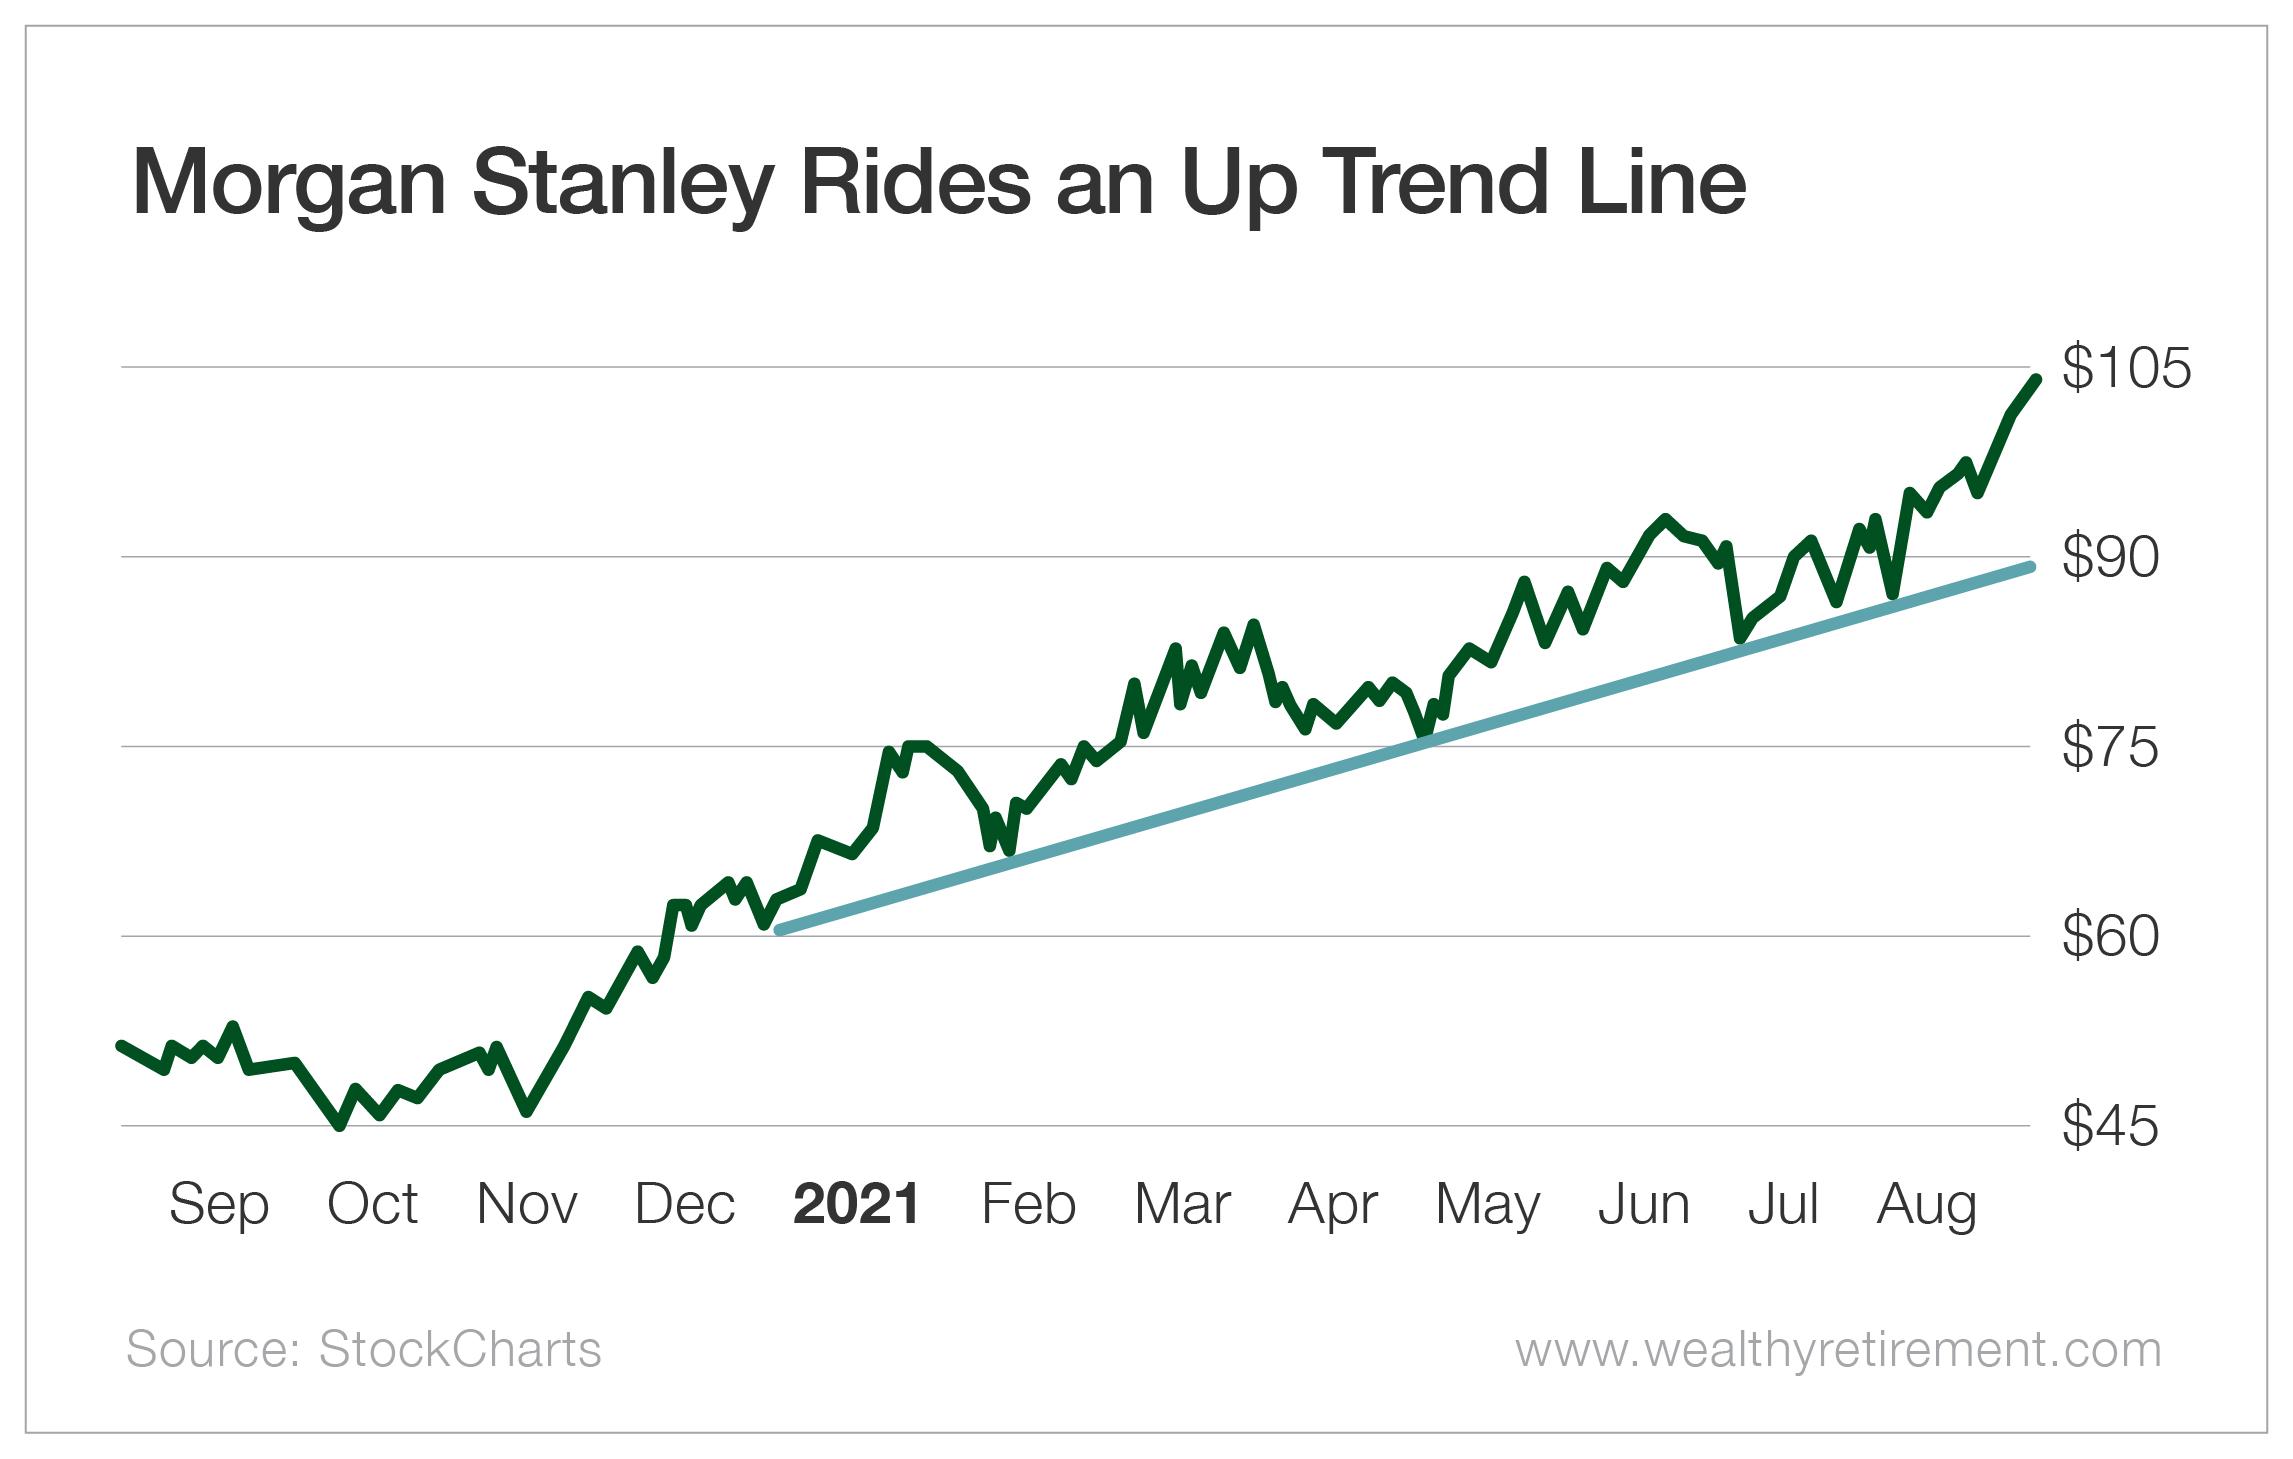 Morgan Stanley Rides an Up Trendline